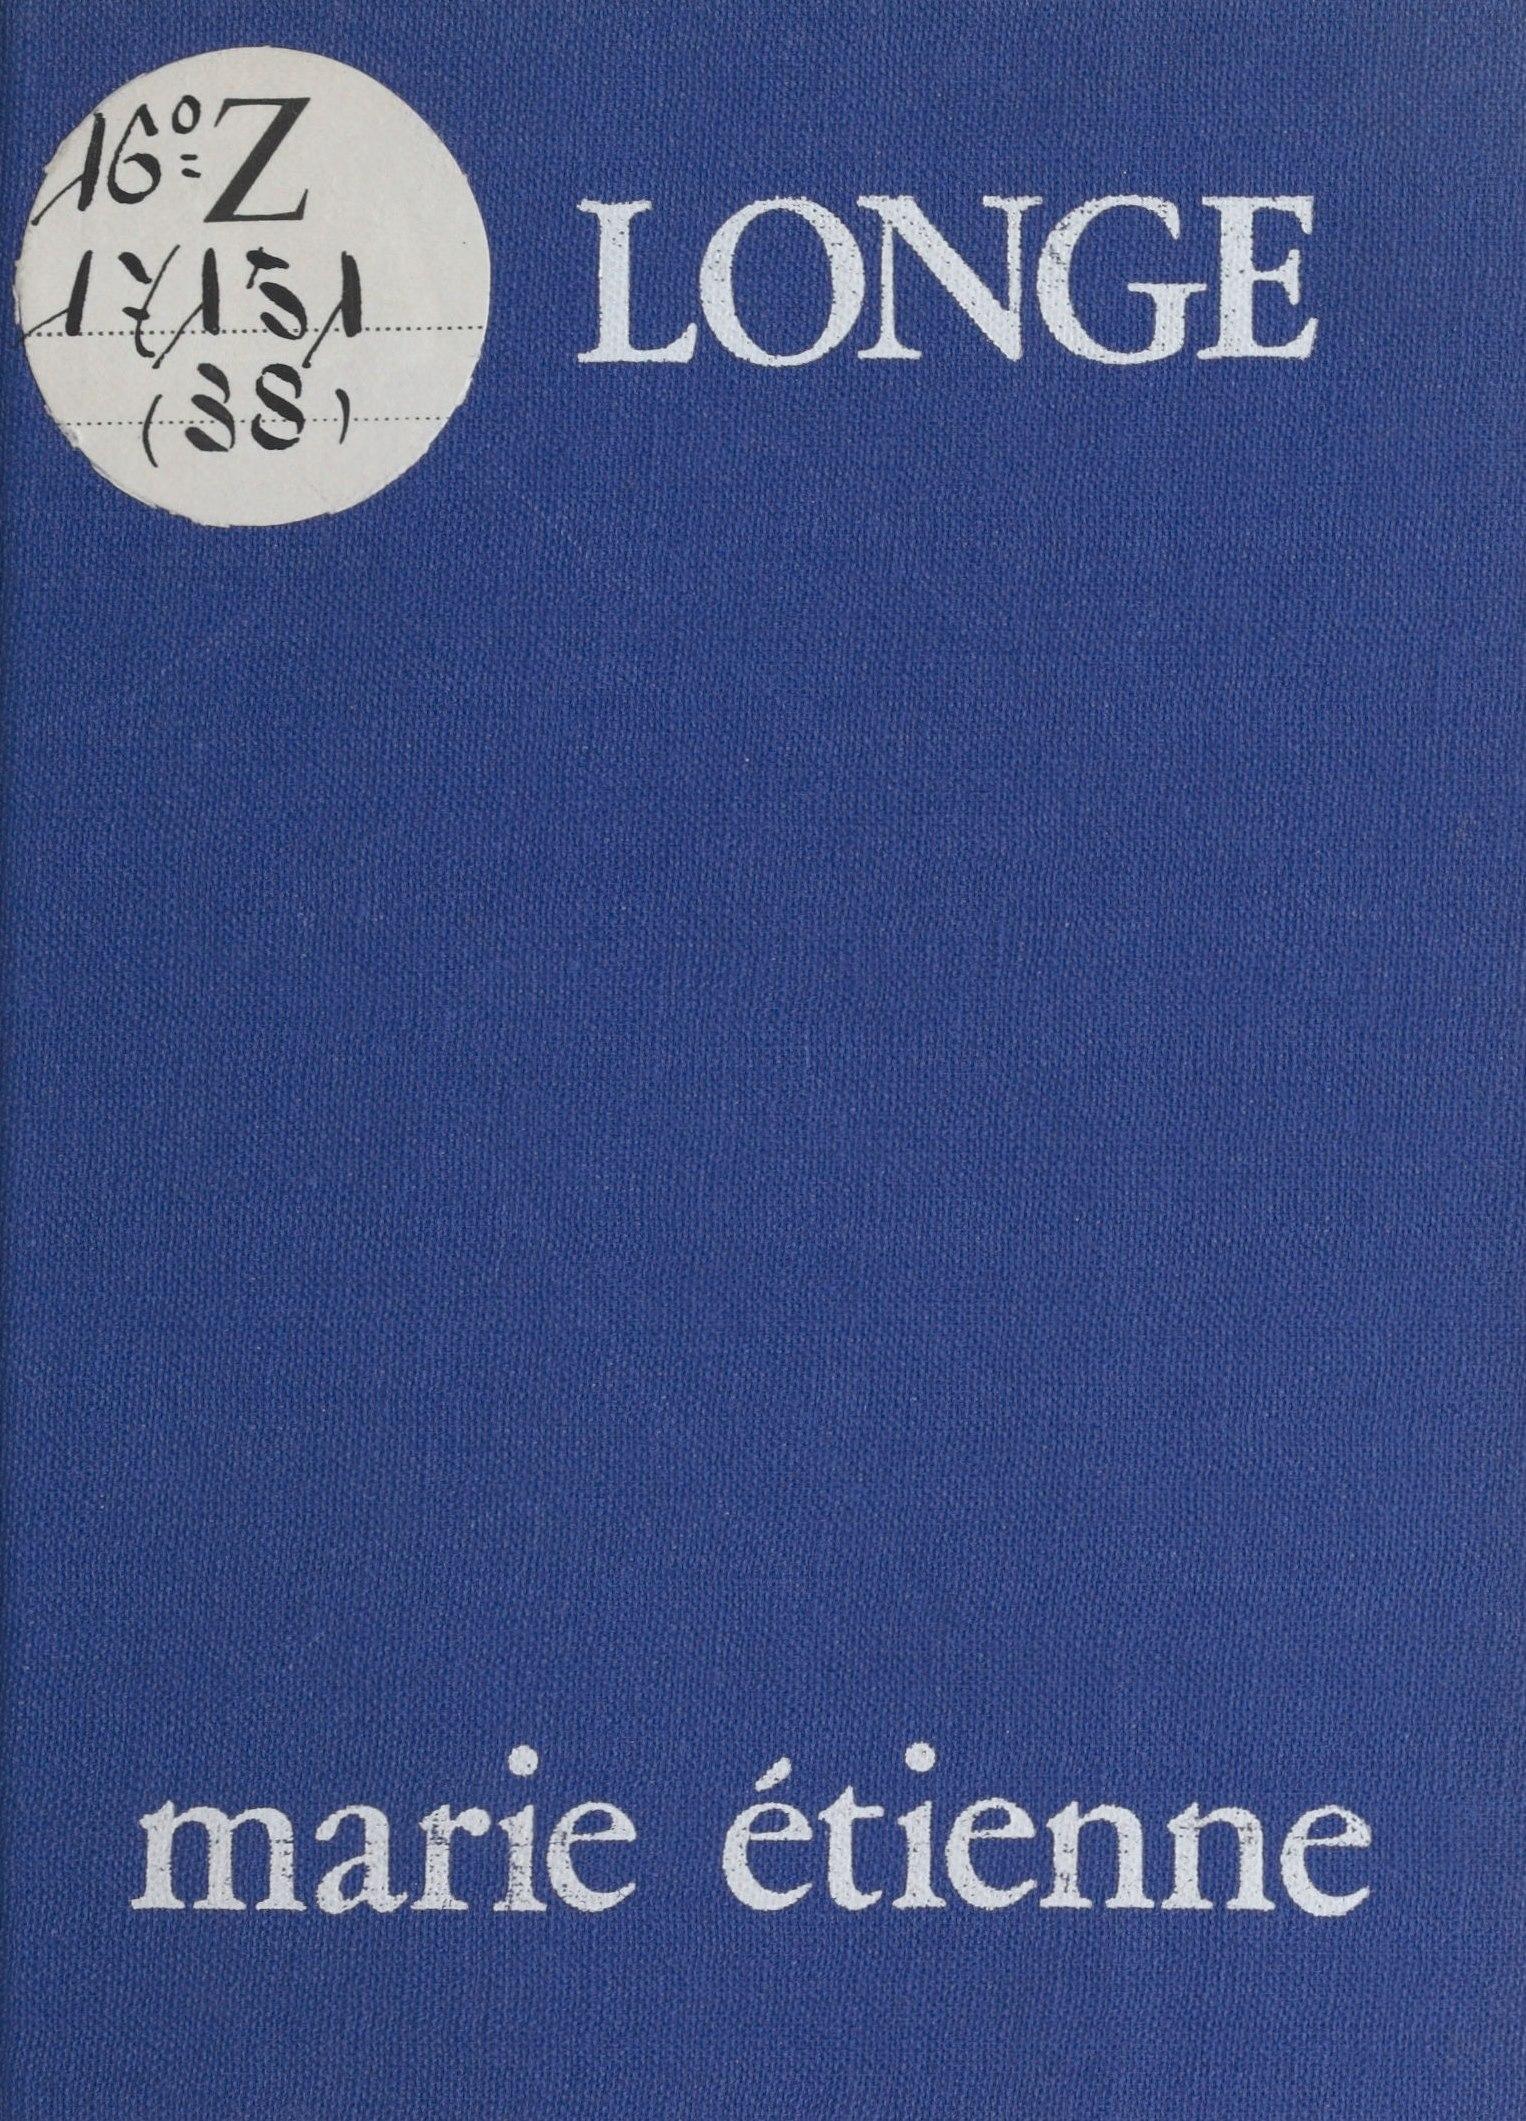 La Longe